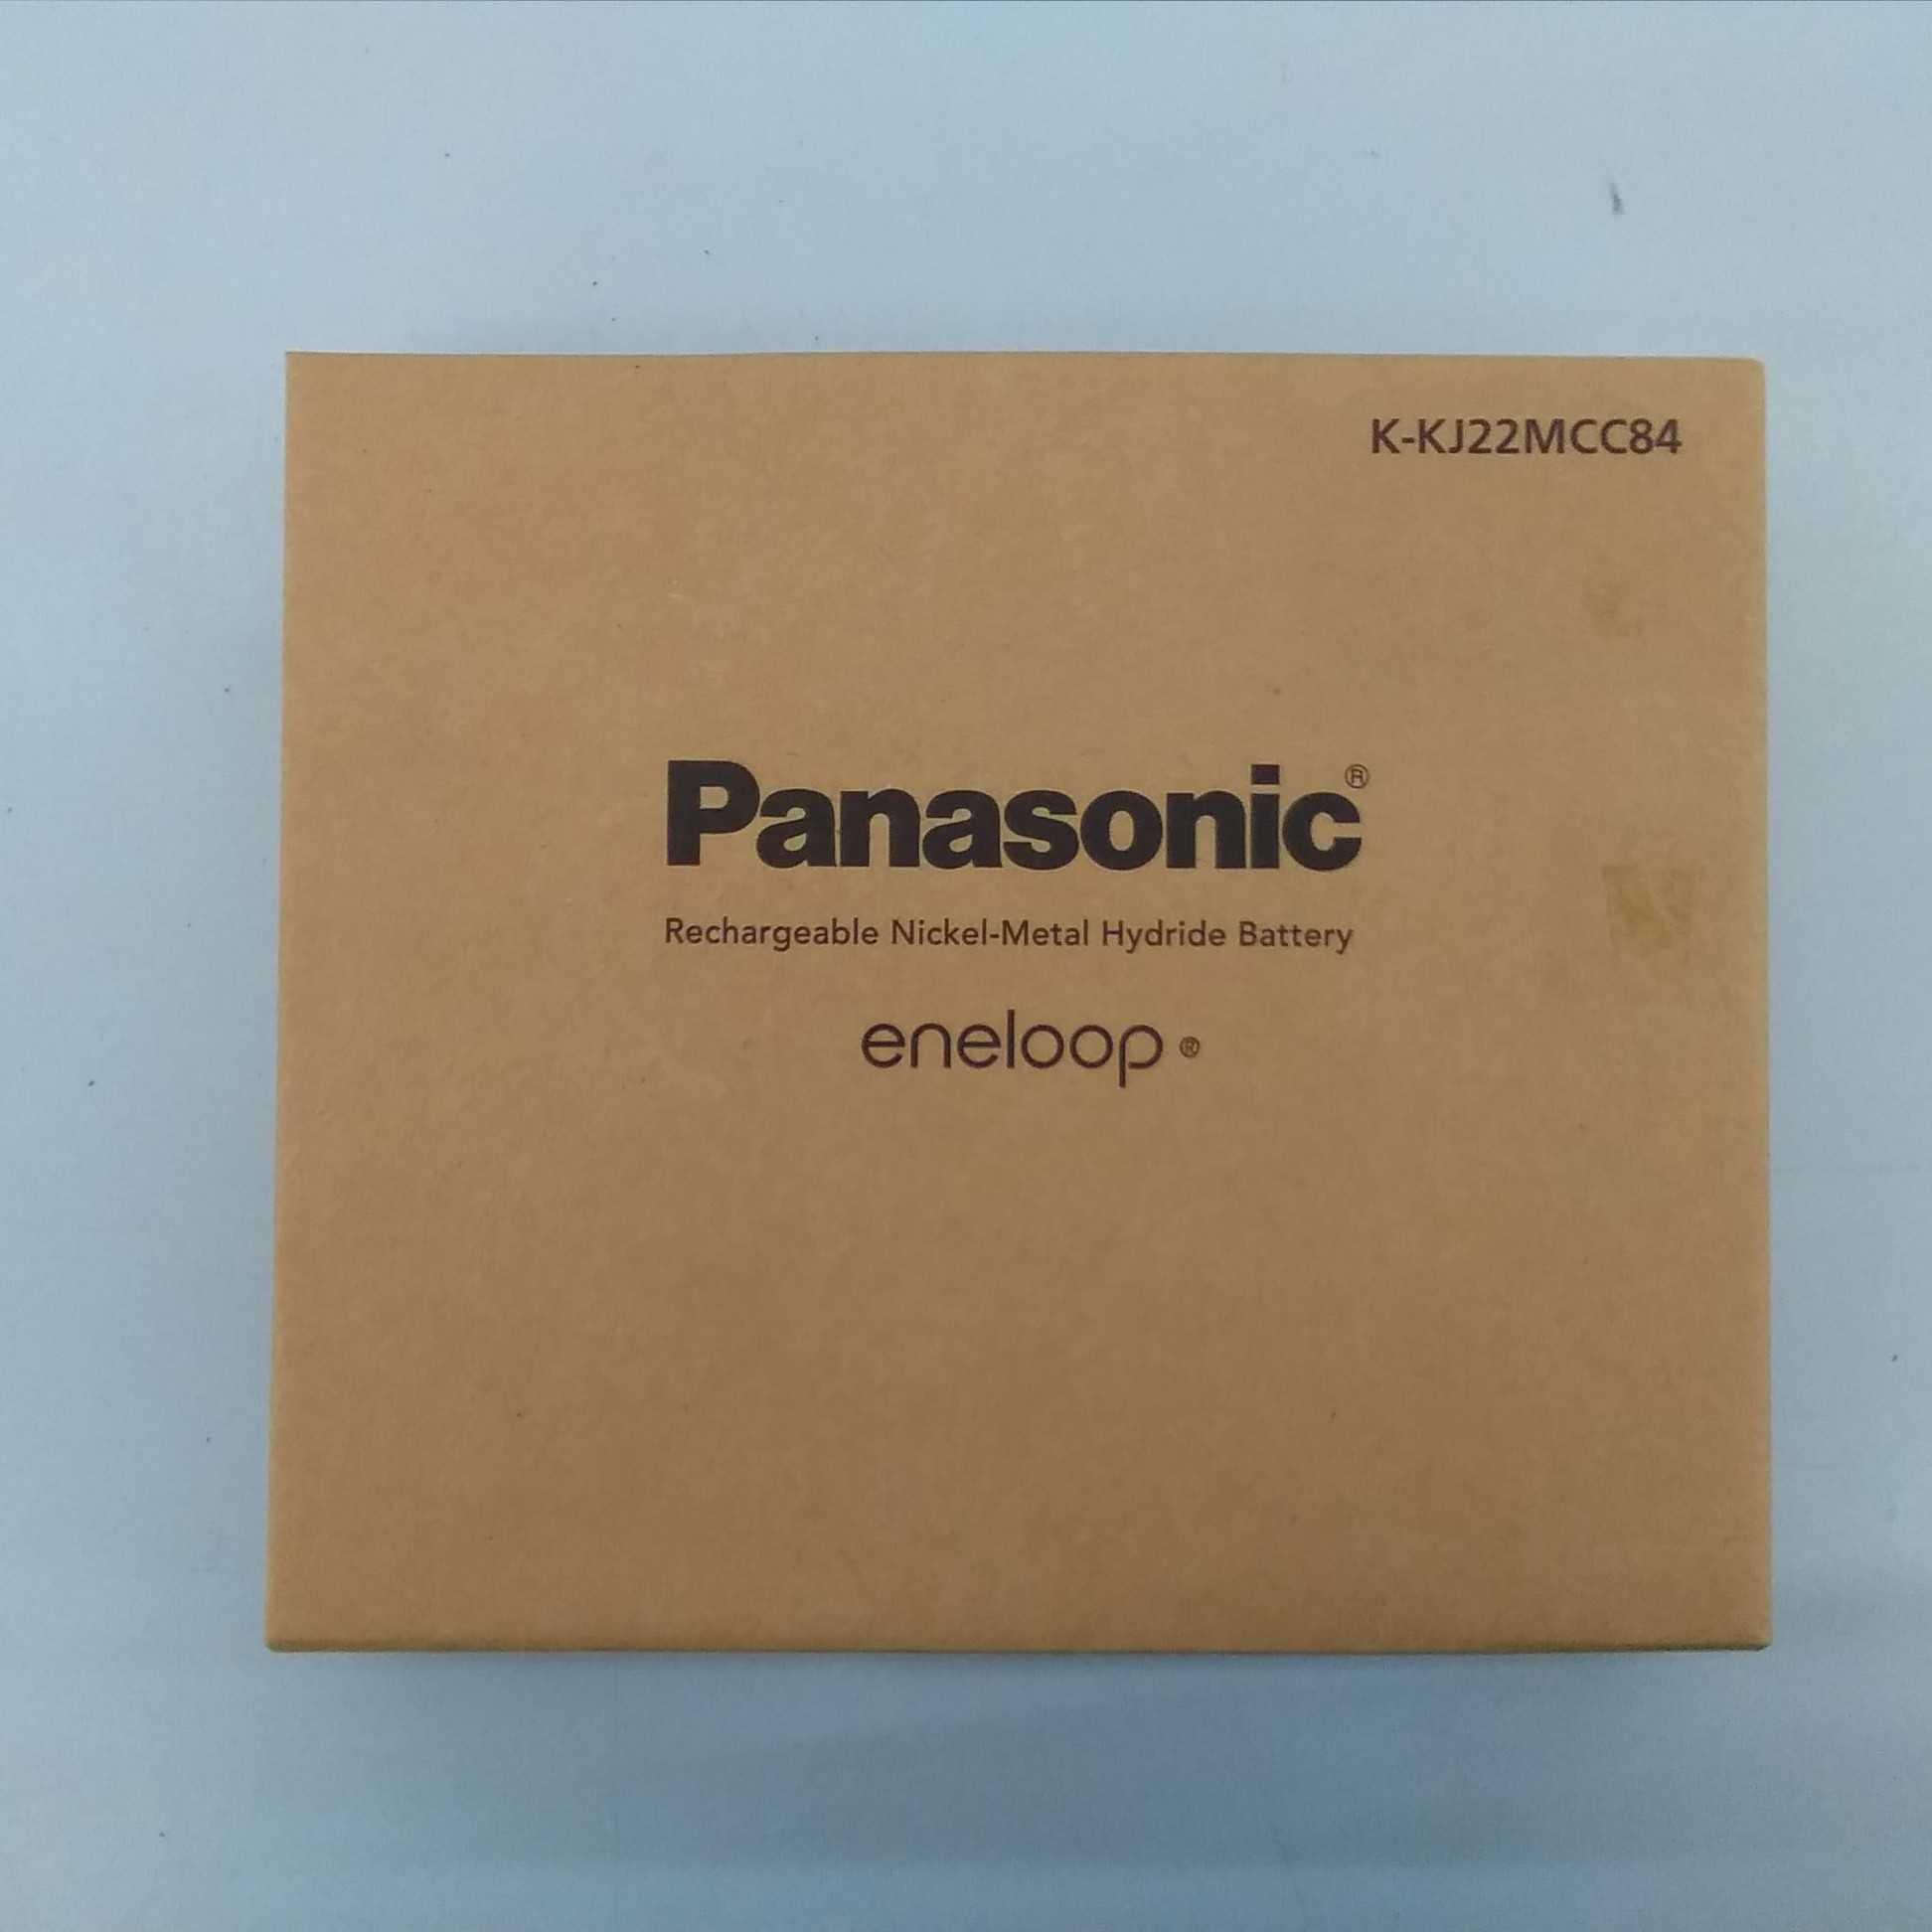 充電式ニッケル水素電池 PANASONIC